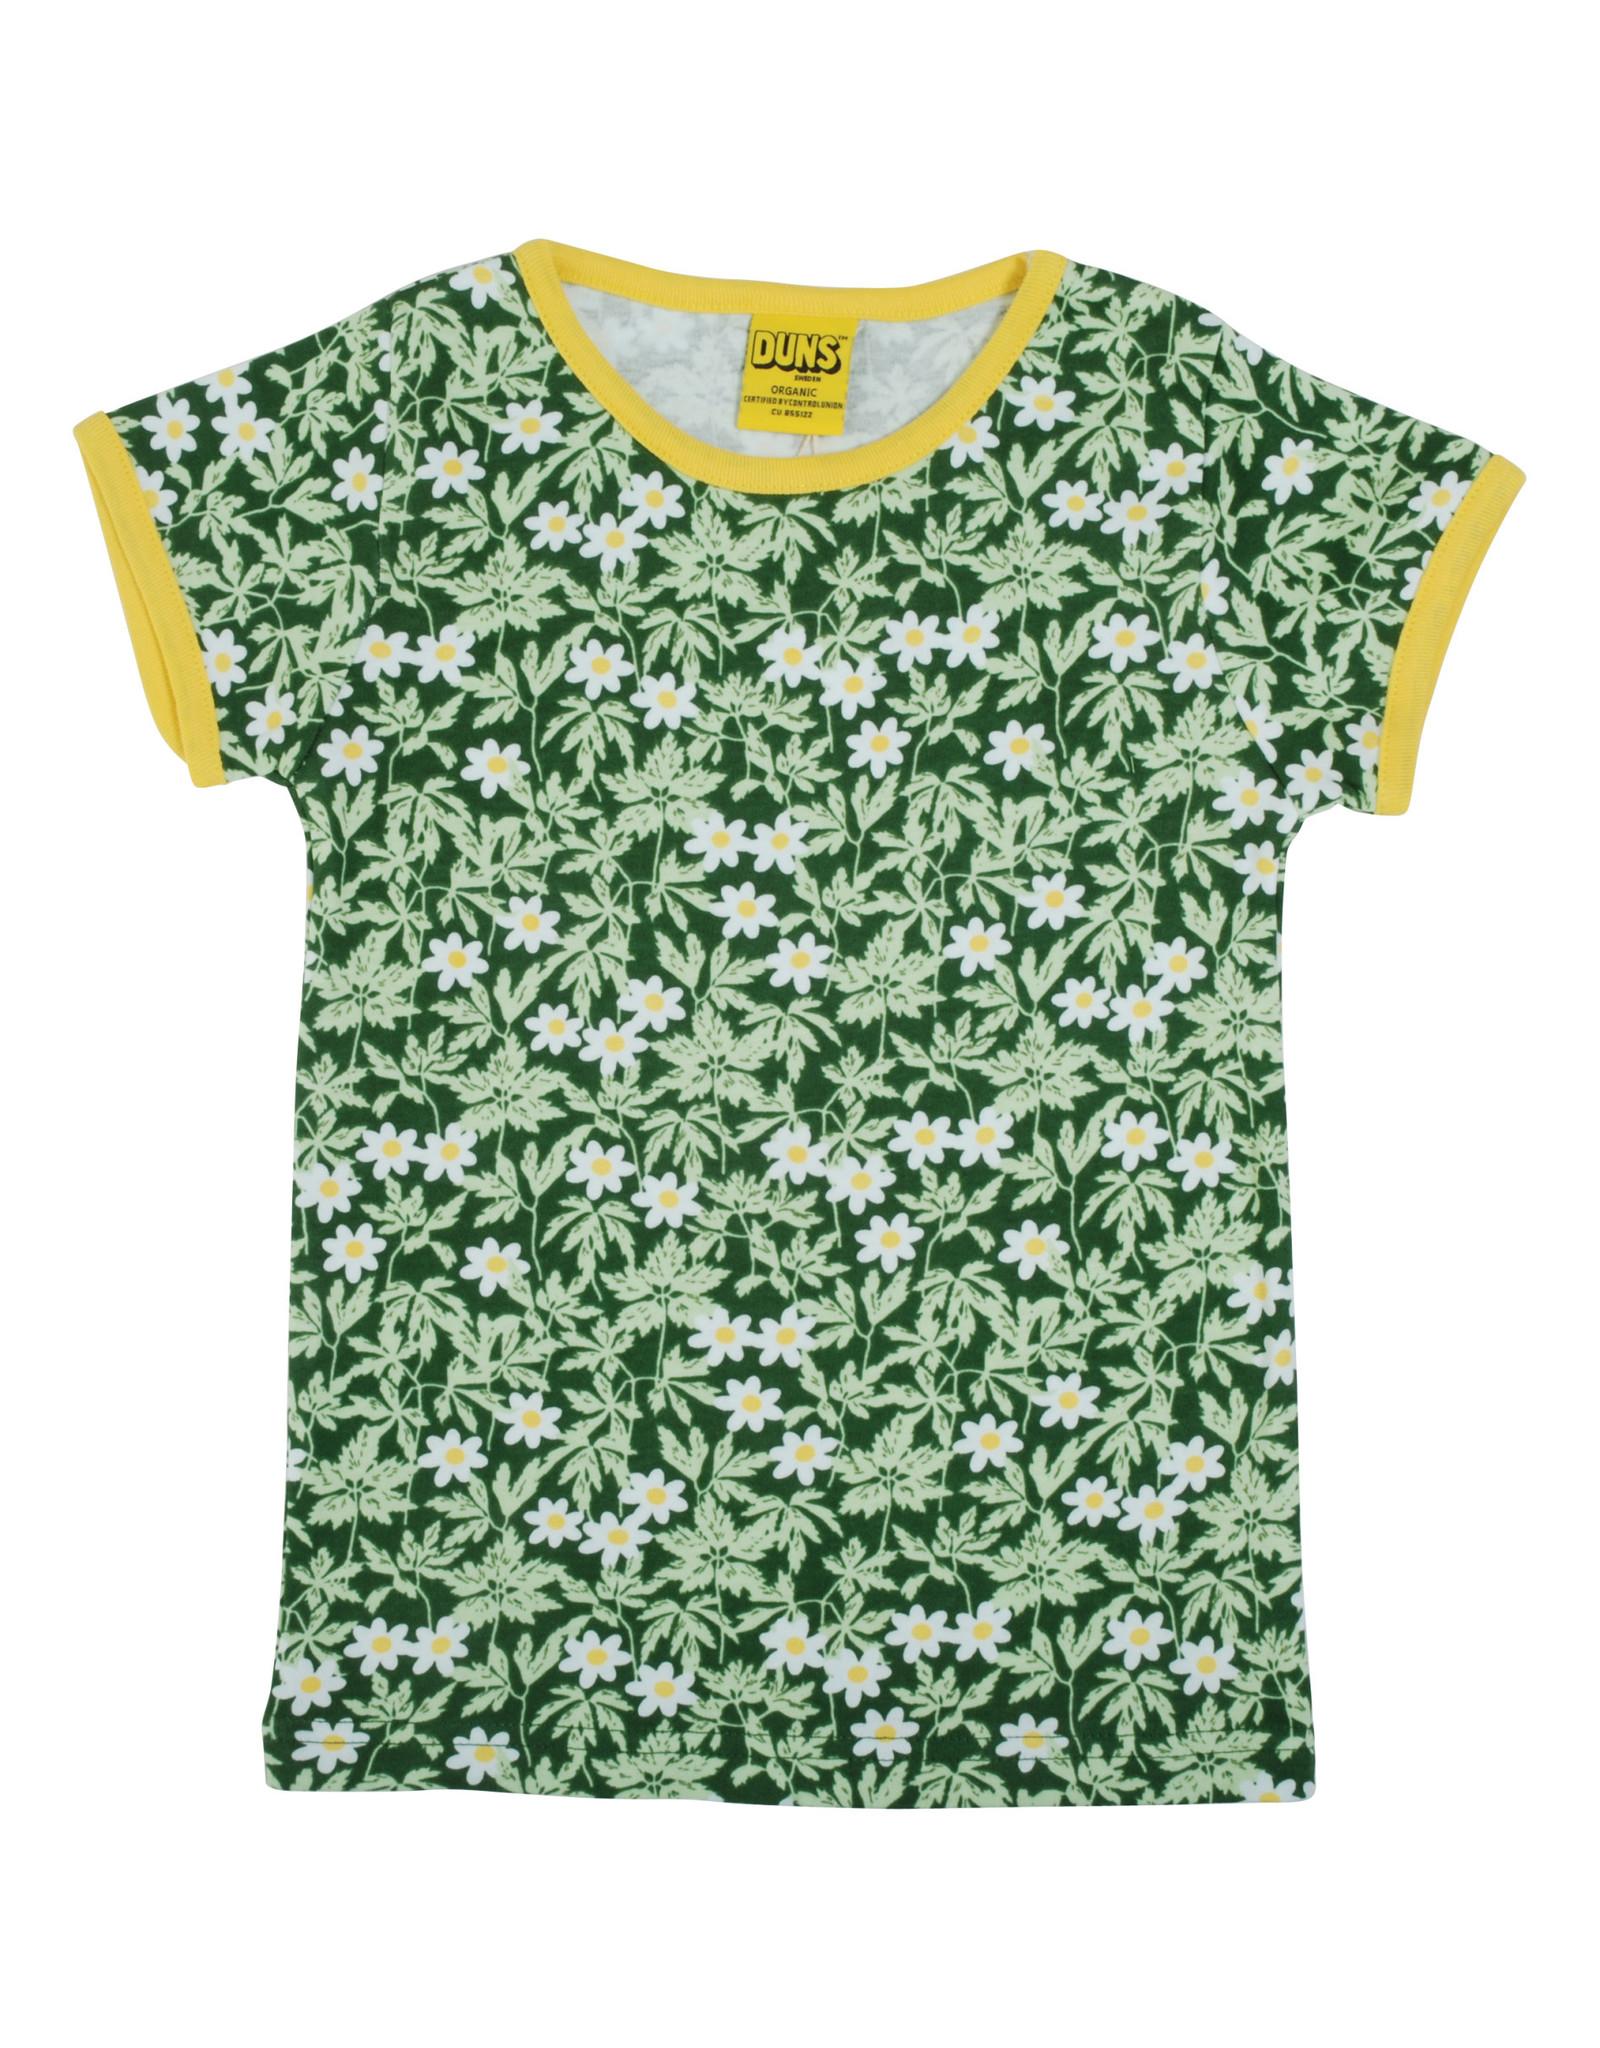 Duns Zachte groene t-shirt met witte bloemetjes